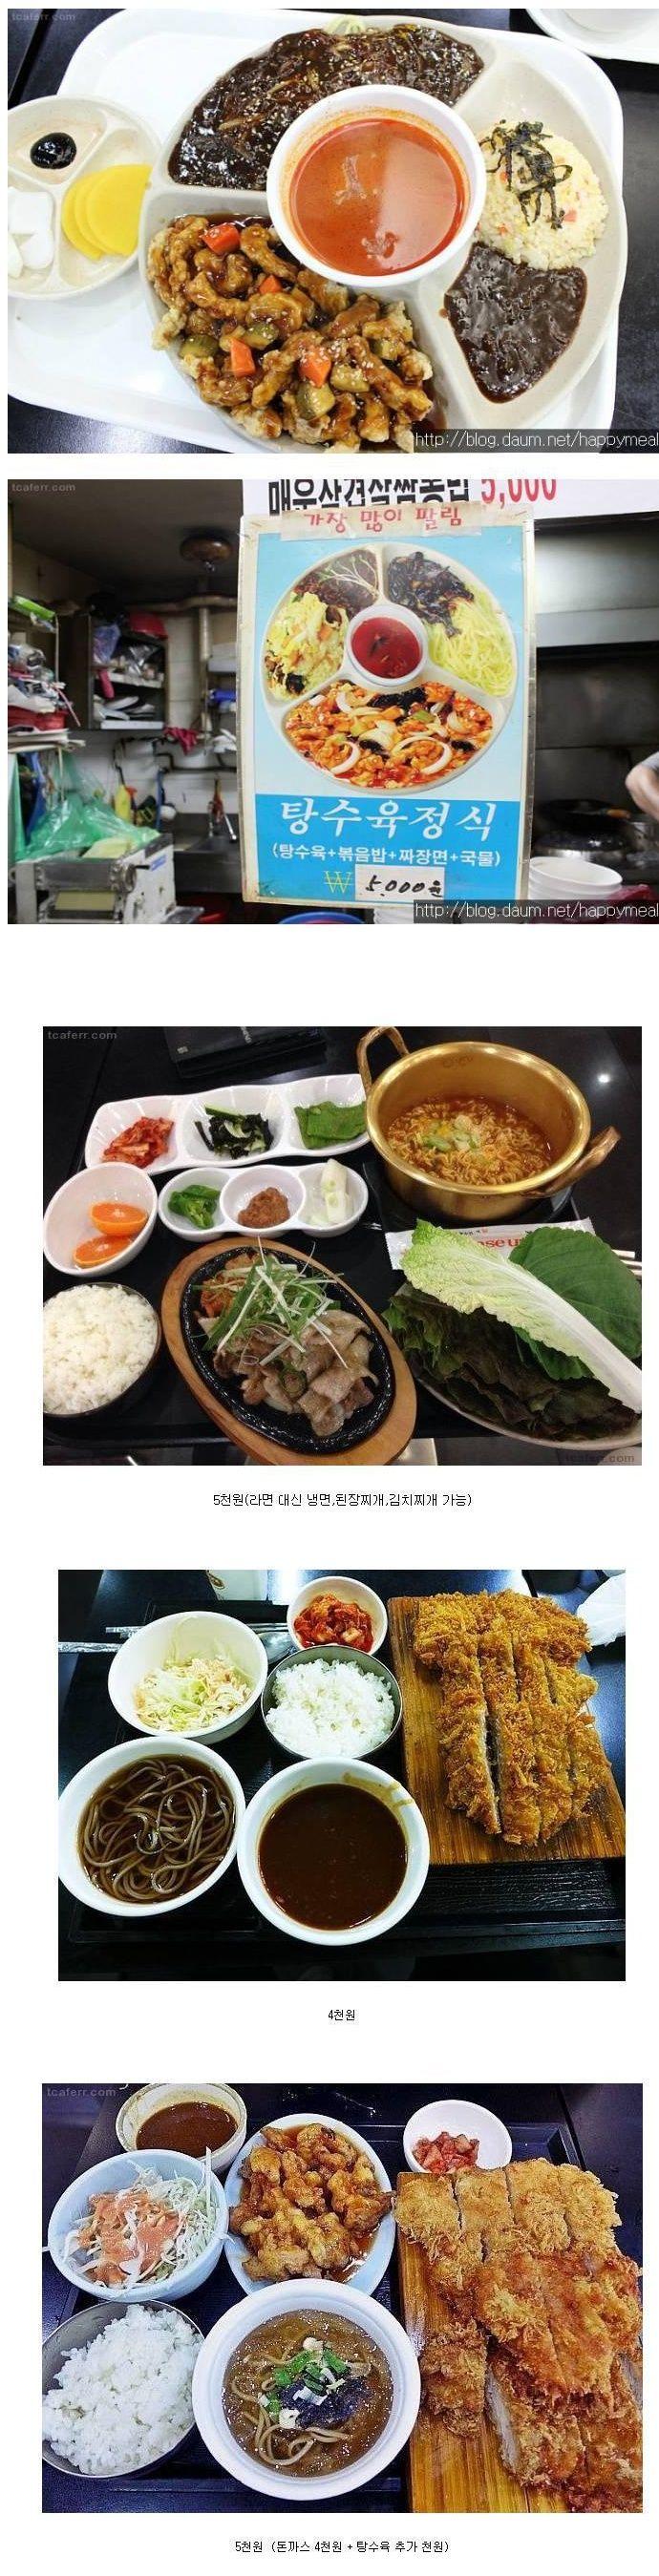 가성비 갑 노량진 음식점 - BADA.TV Ver 3.0 :: 해외 거주 한인 네트워크 - 바다 건너 이야기